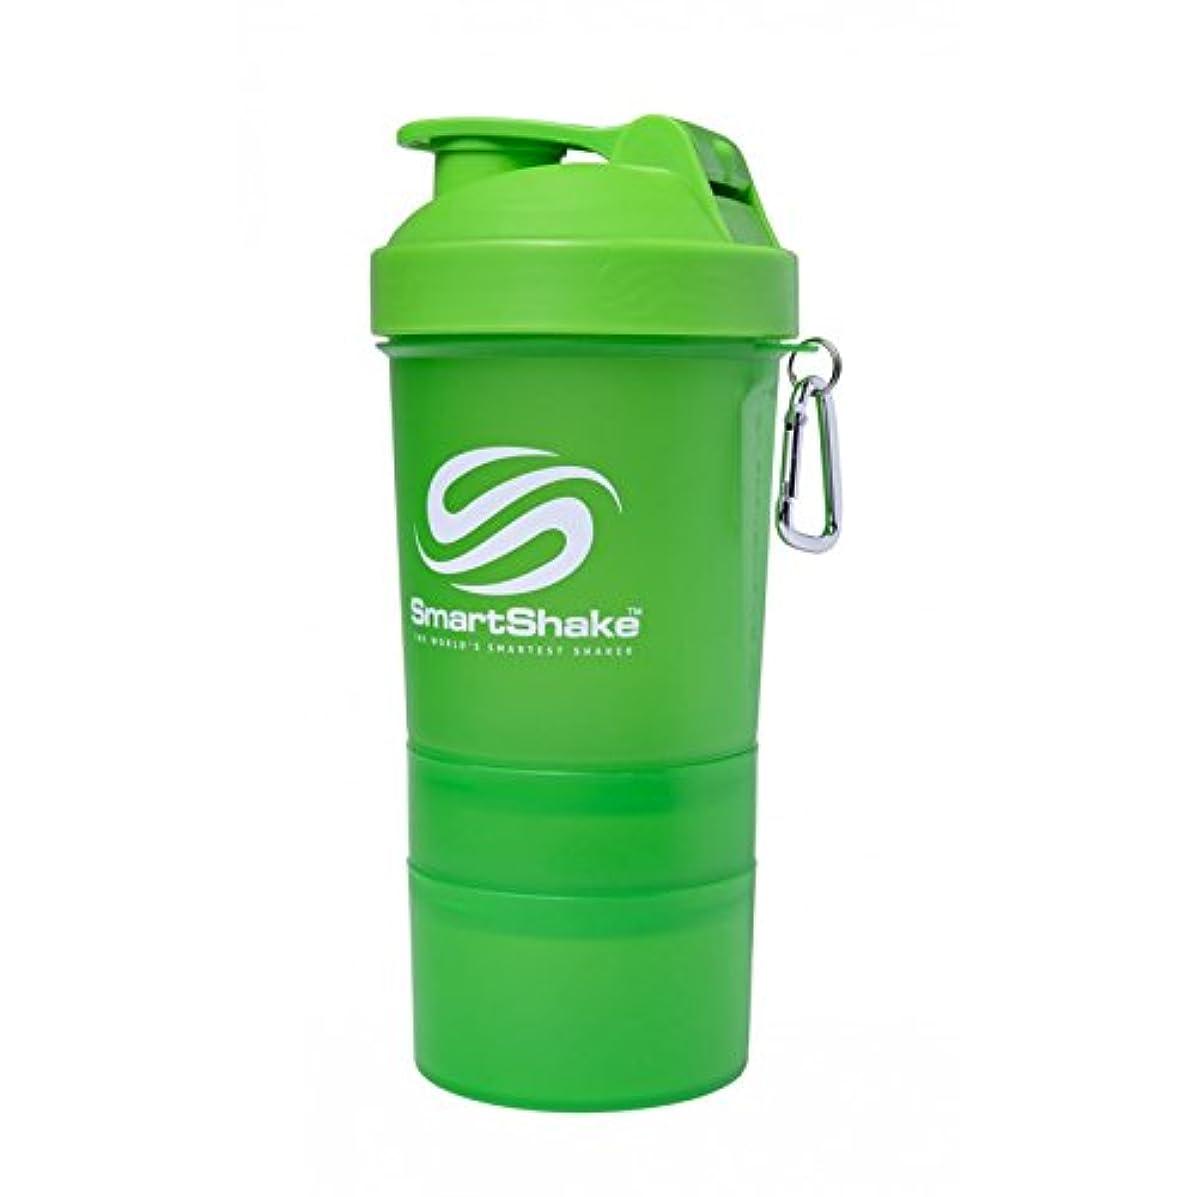 引き潮とんでもないオセアニアSmartShake 600ml/ 20oz Neon Green